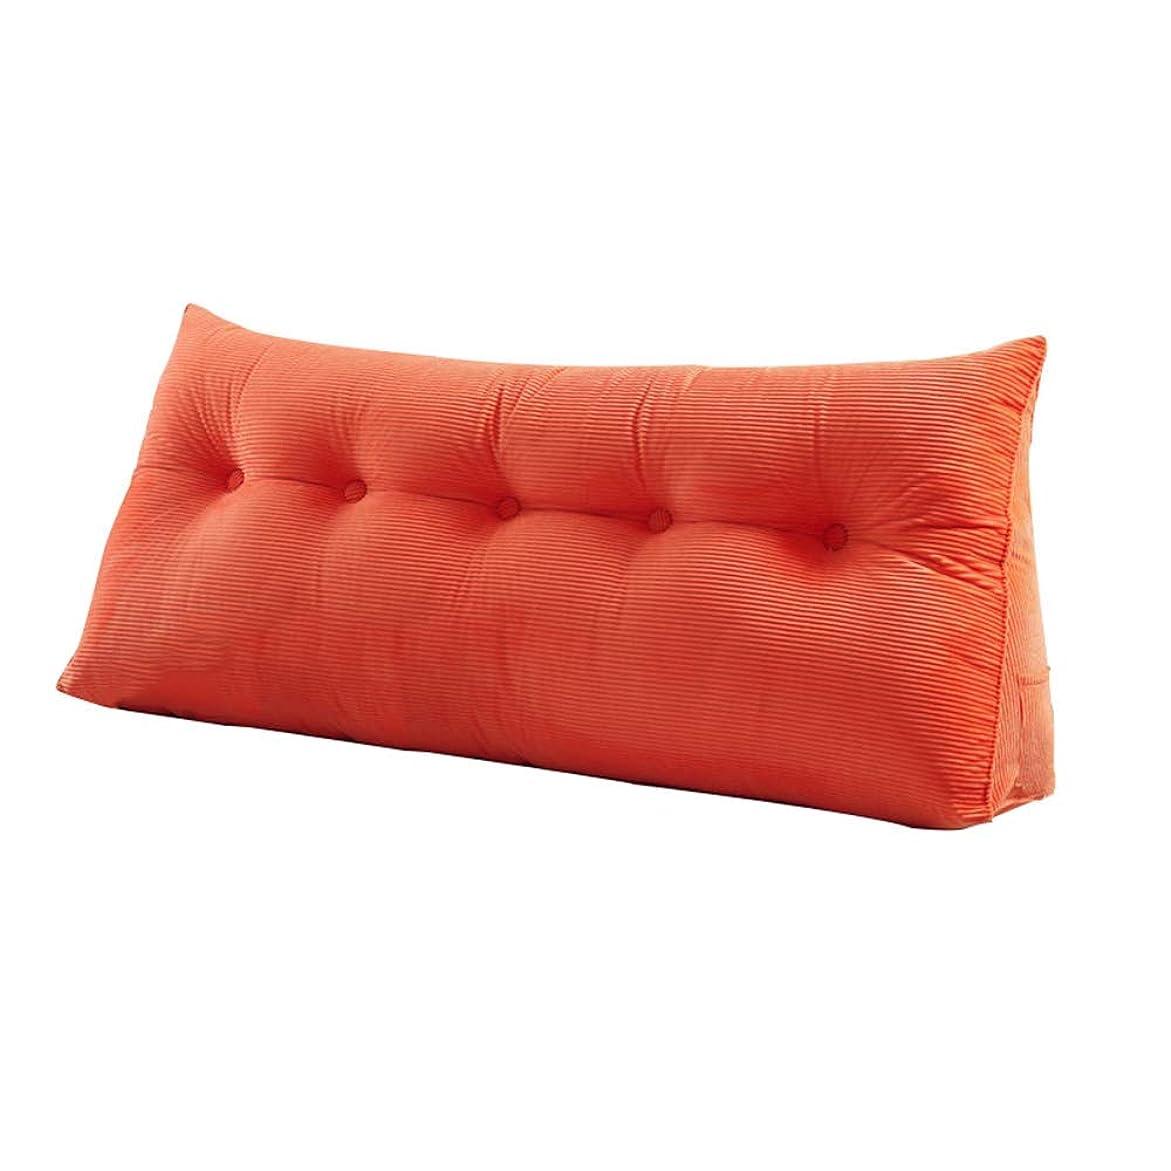 きつく太平洋諸島周り18-AnyzhanTrade ベッドサイドトライアングルパッド/腰椎枕ソファクッションヘッドボードソフトバッグシンプル寝室レストチェアバックレスト (Color : Orange, サイズ : 90*20*50cm)